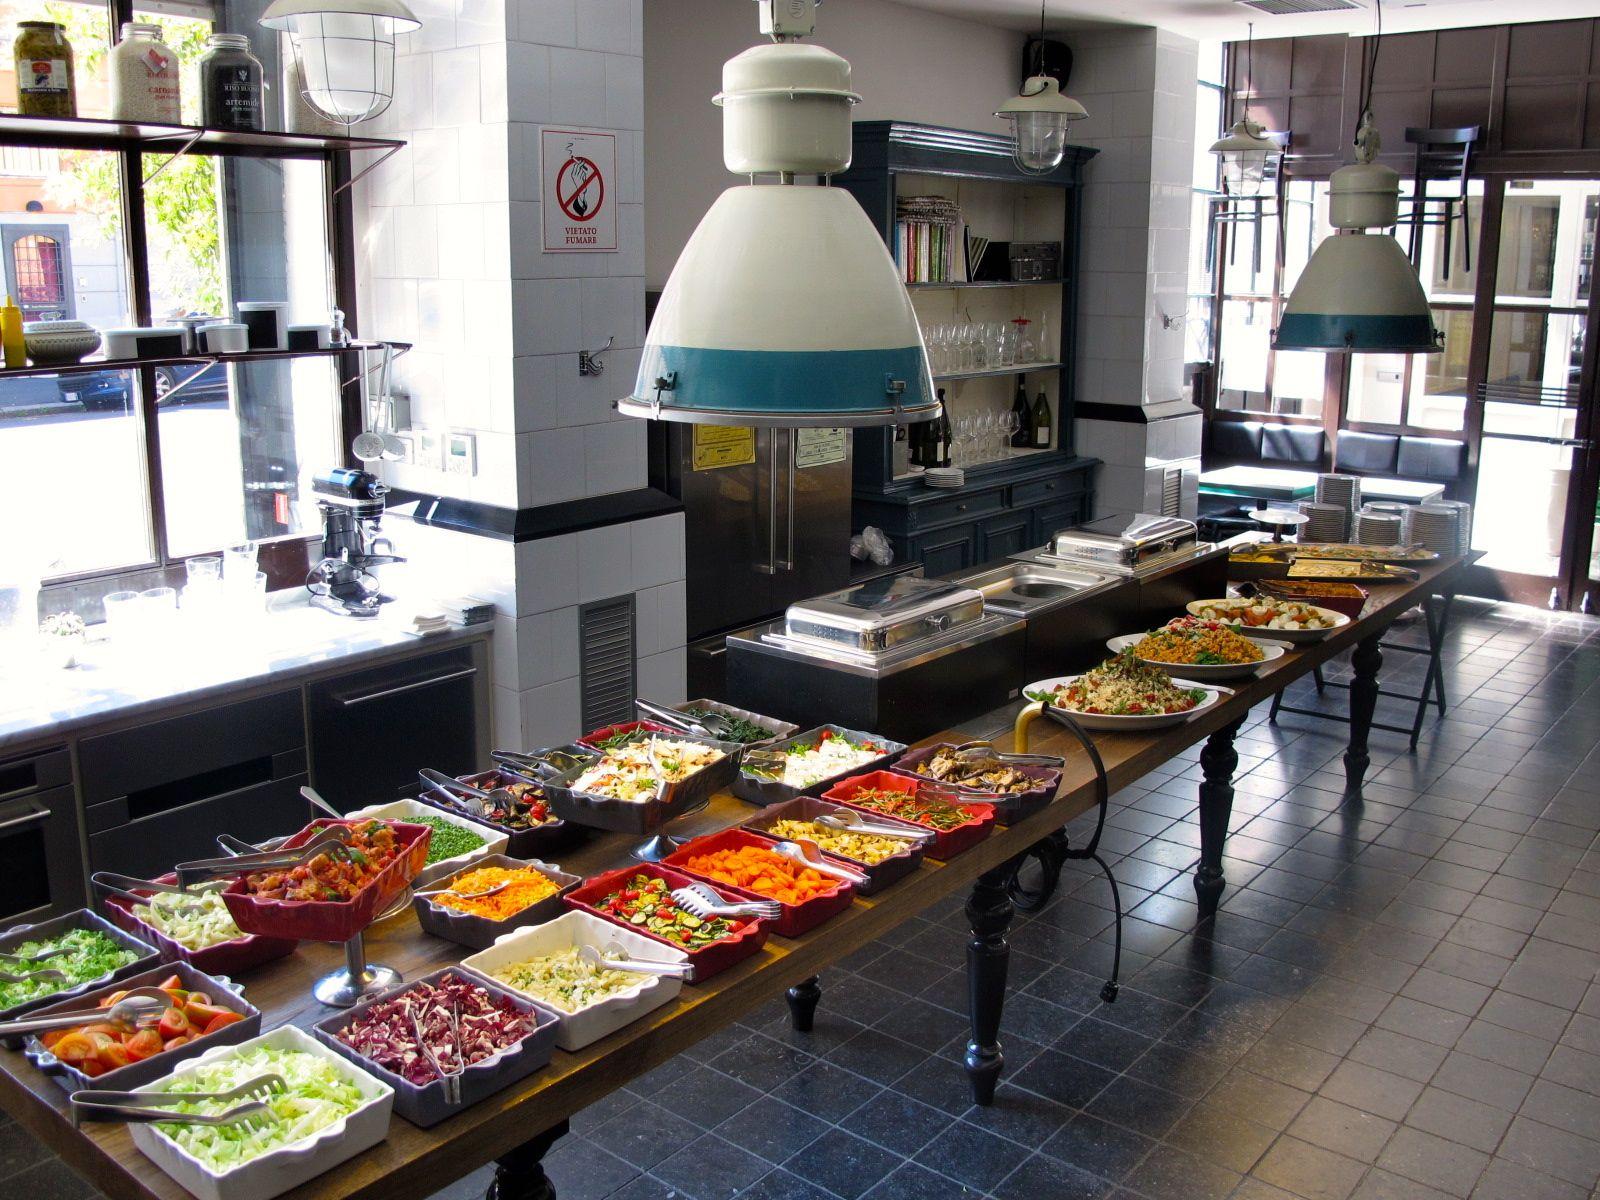 Porto fluviale - Corsi di cucina a roma ...